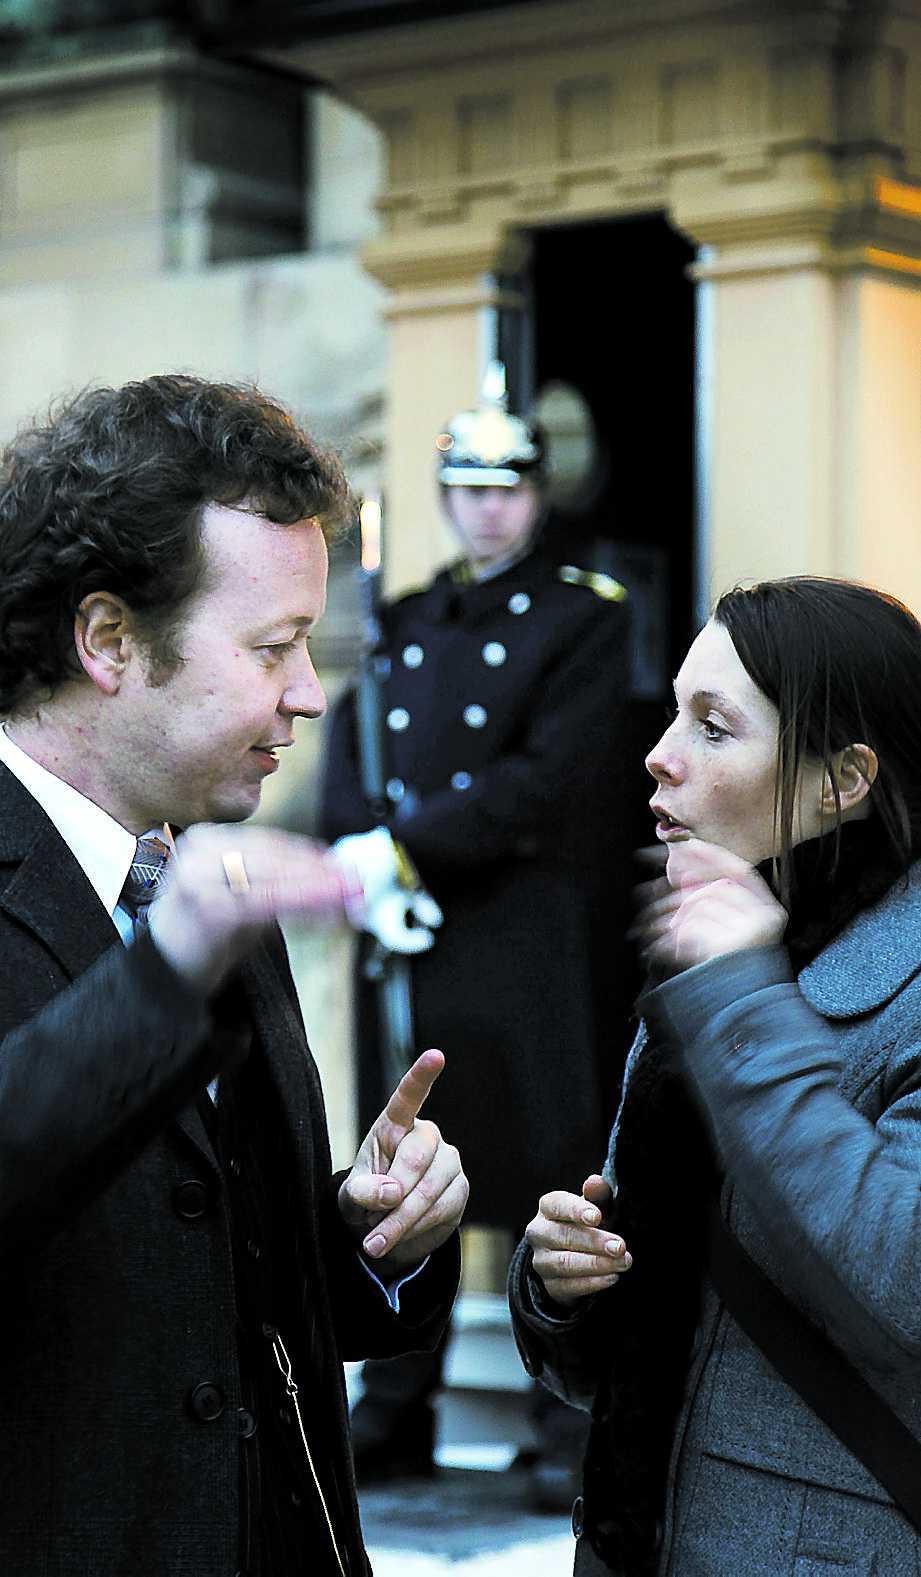 VÄGRAR ACCEPTERA Michaël Lehman är missnöjd med valet av Daniel – Victoria borde ha gift sig blåblodigt, tycker han. Magdalena Streijffert är inte heller nöjd. Men av helt motsatt anledning.